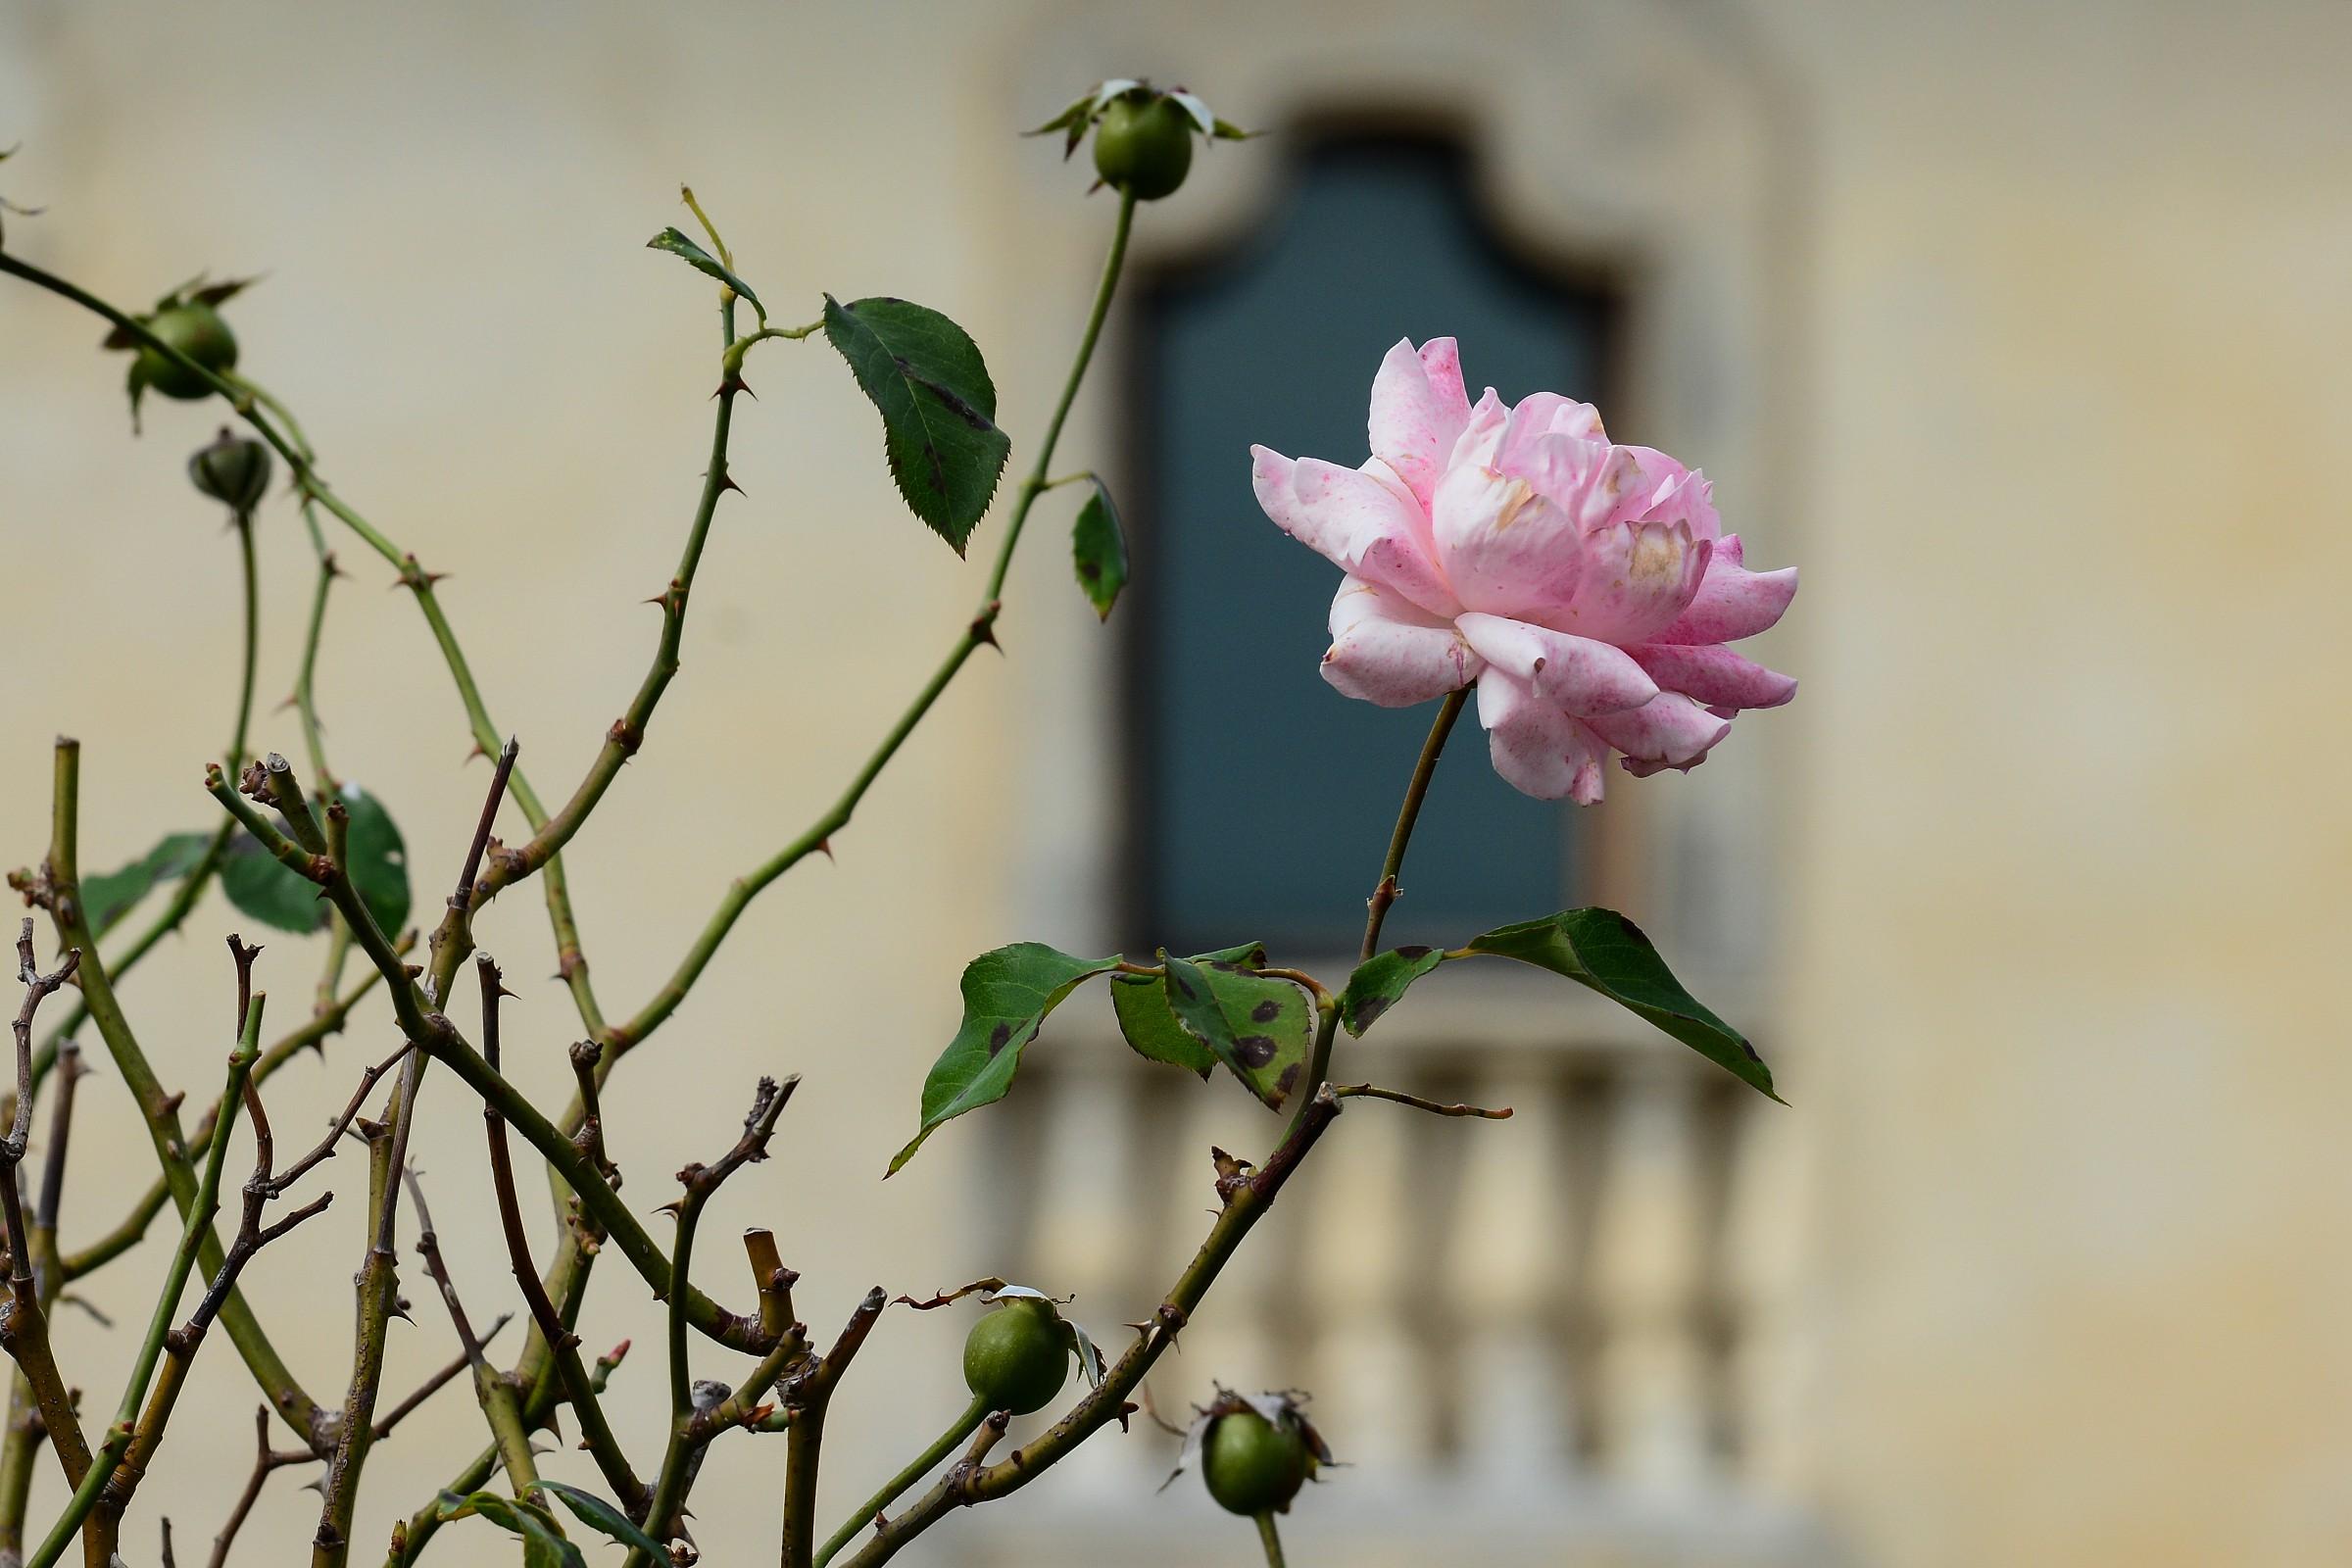 La rosa stanca...